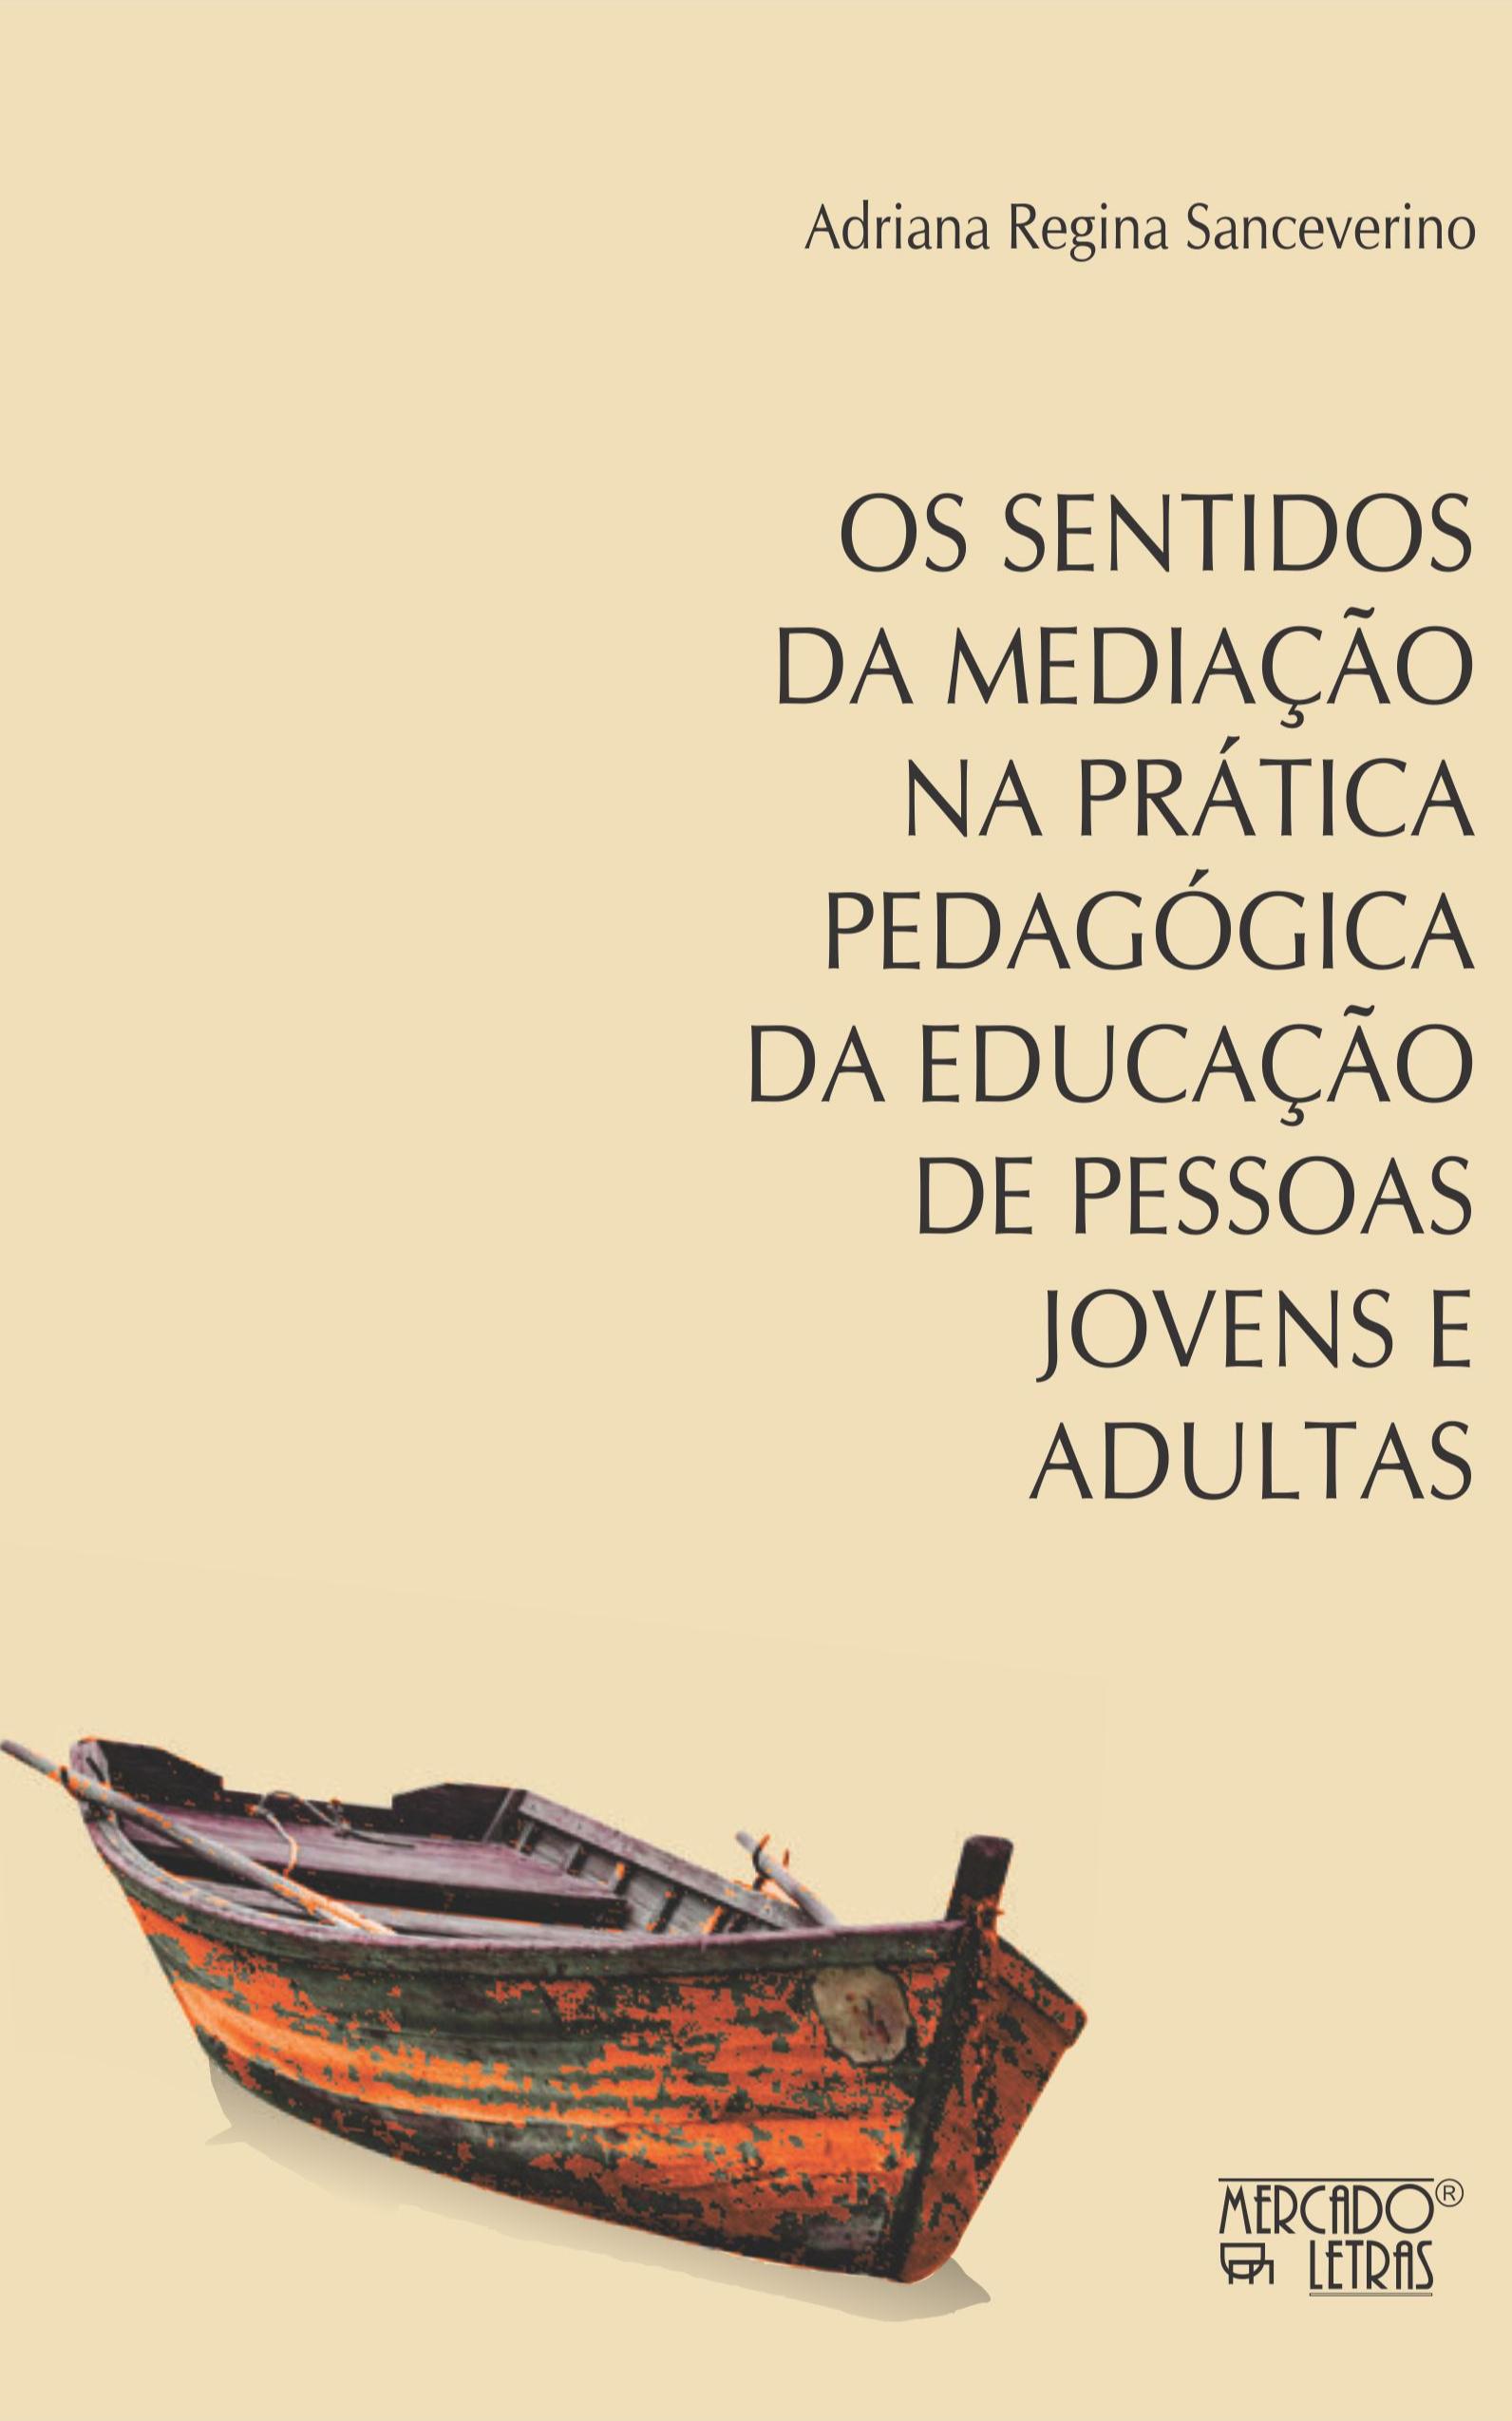 Os sentidos da mediação na prática pedagógica da educação de pessoas jovens e adultas, livro de Adriana Regina Sanceverino